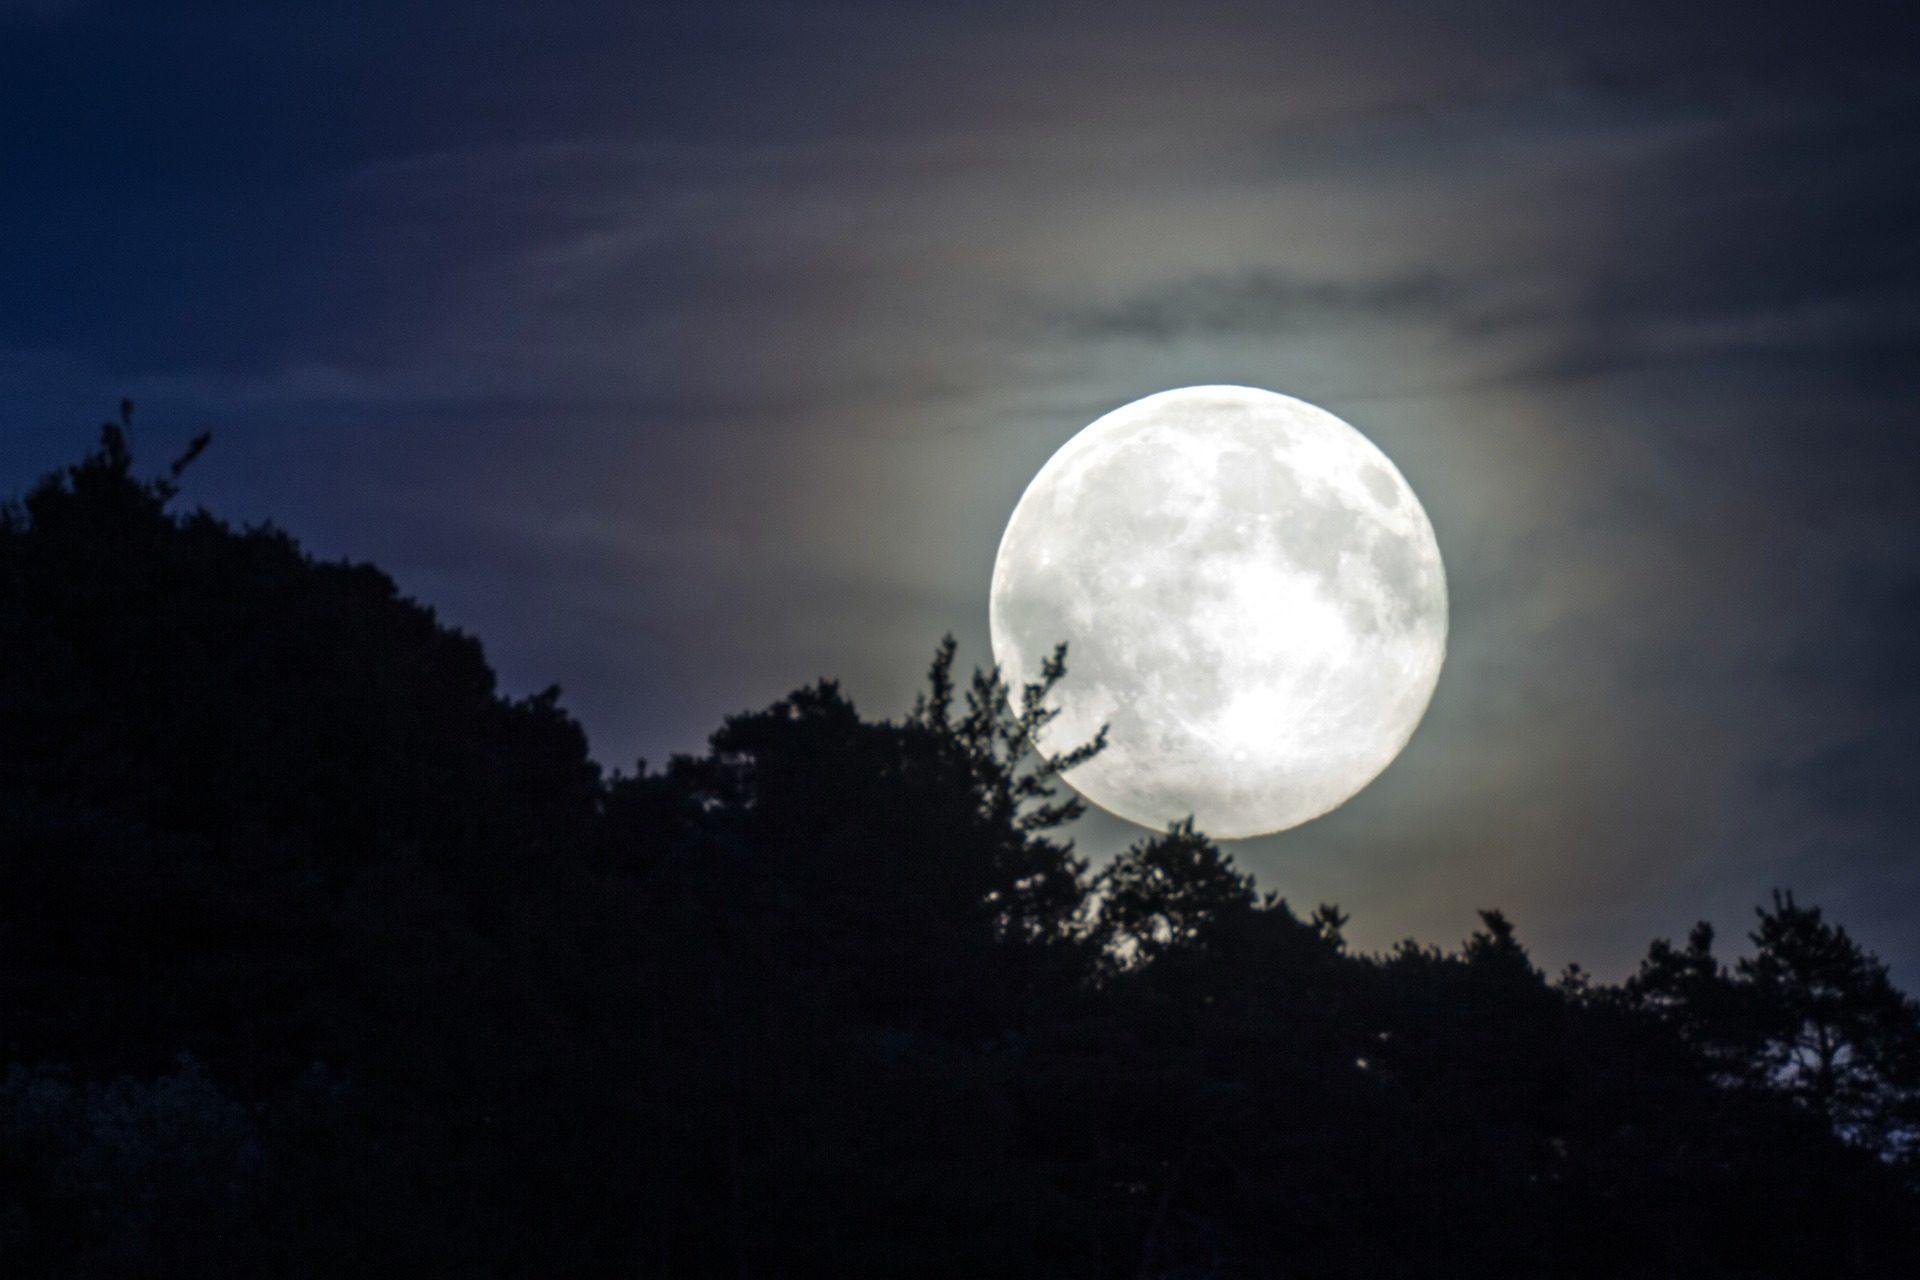 بالصور صور للقمر , احلى الصور لمشهد القمر 4154 14